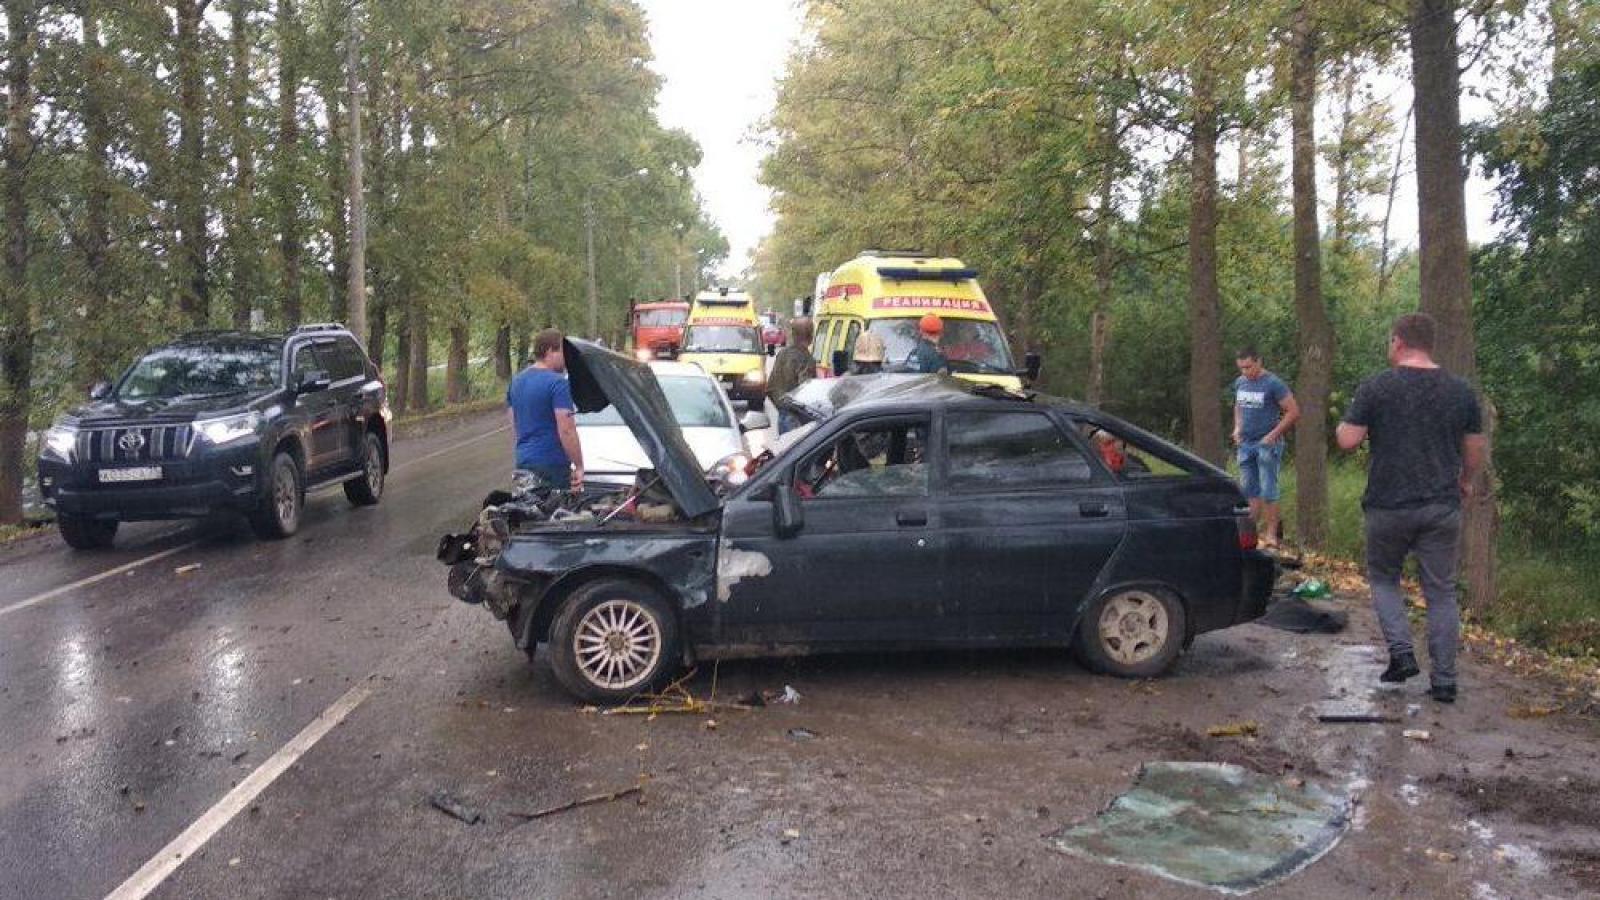 Во время ДТП машина врезалась в дерево, а крышка багажника отлетела в другой автомобиль